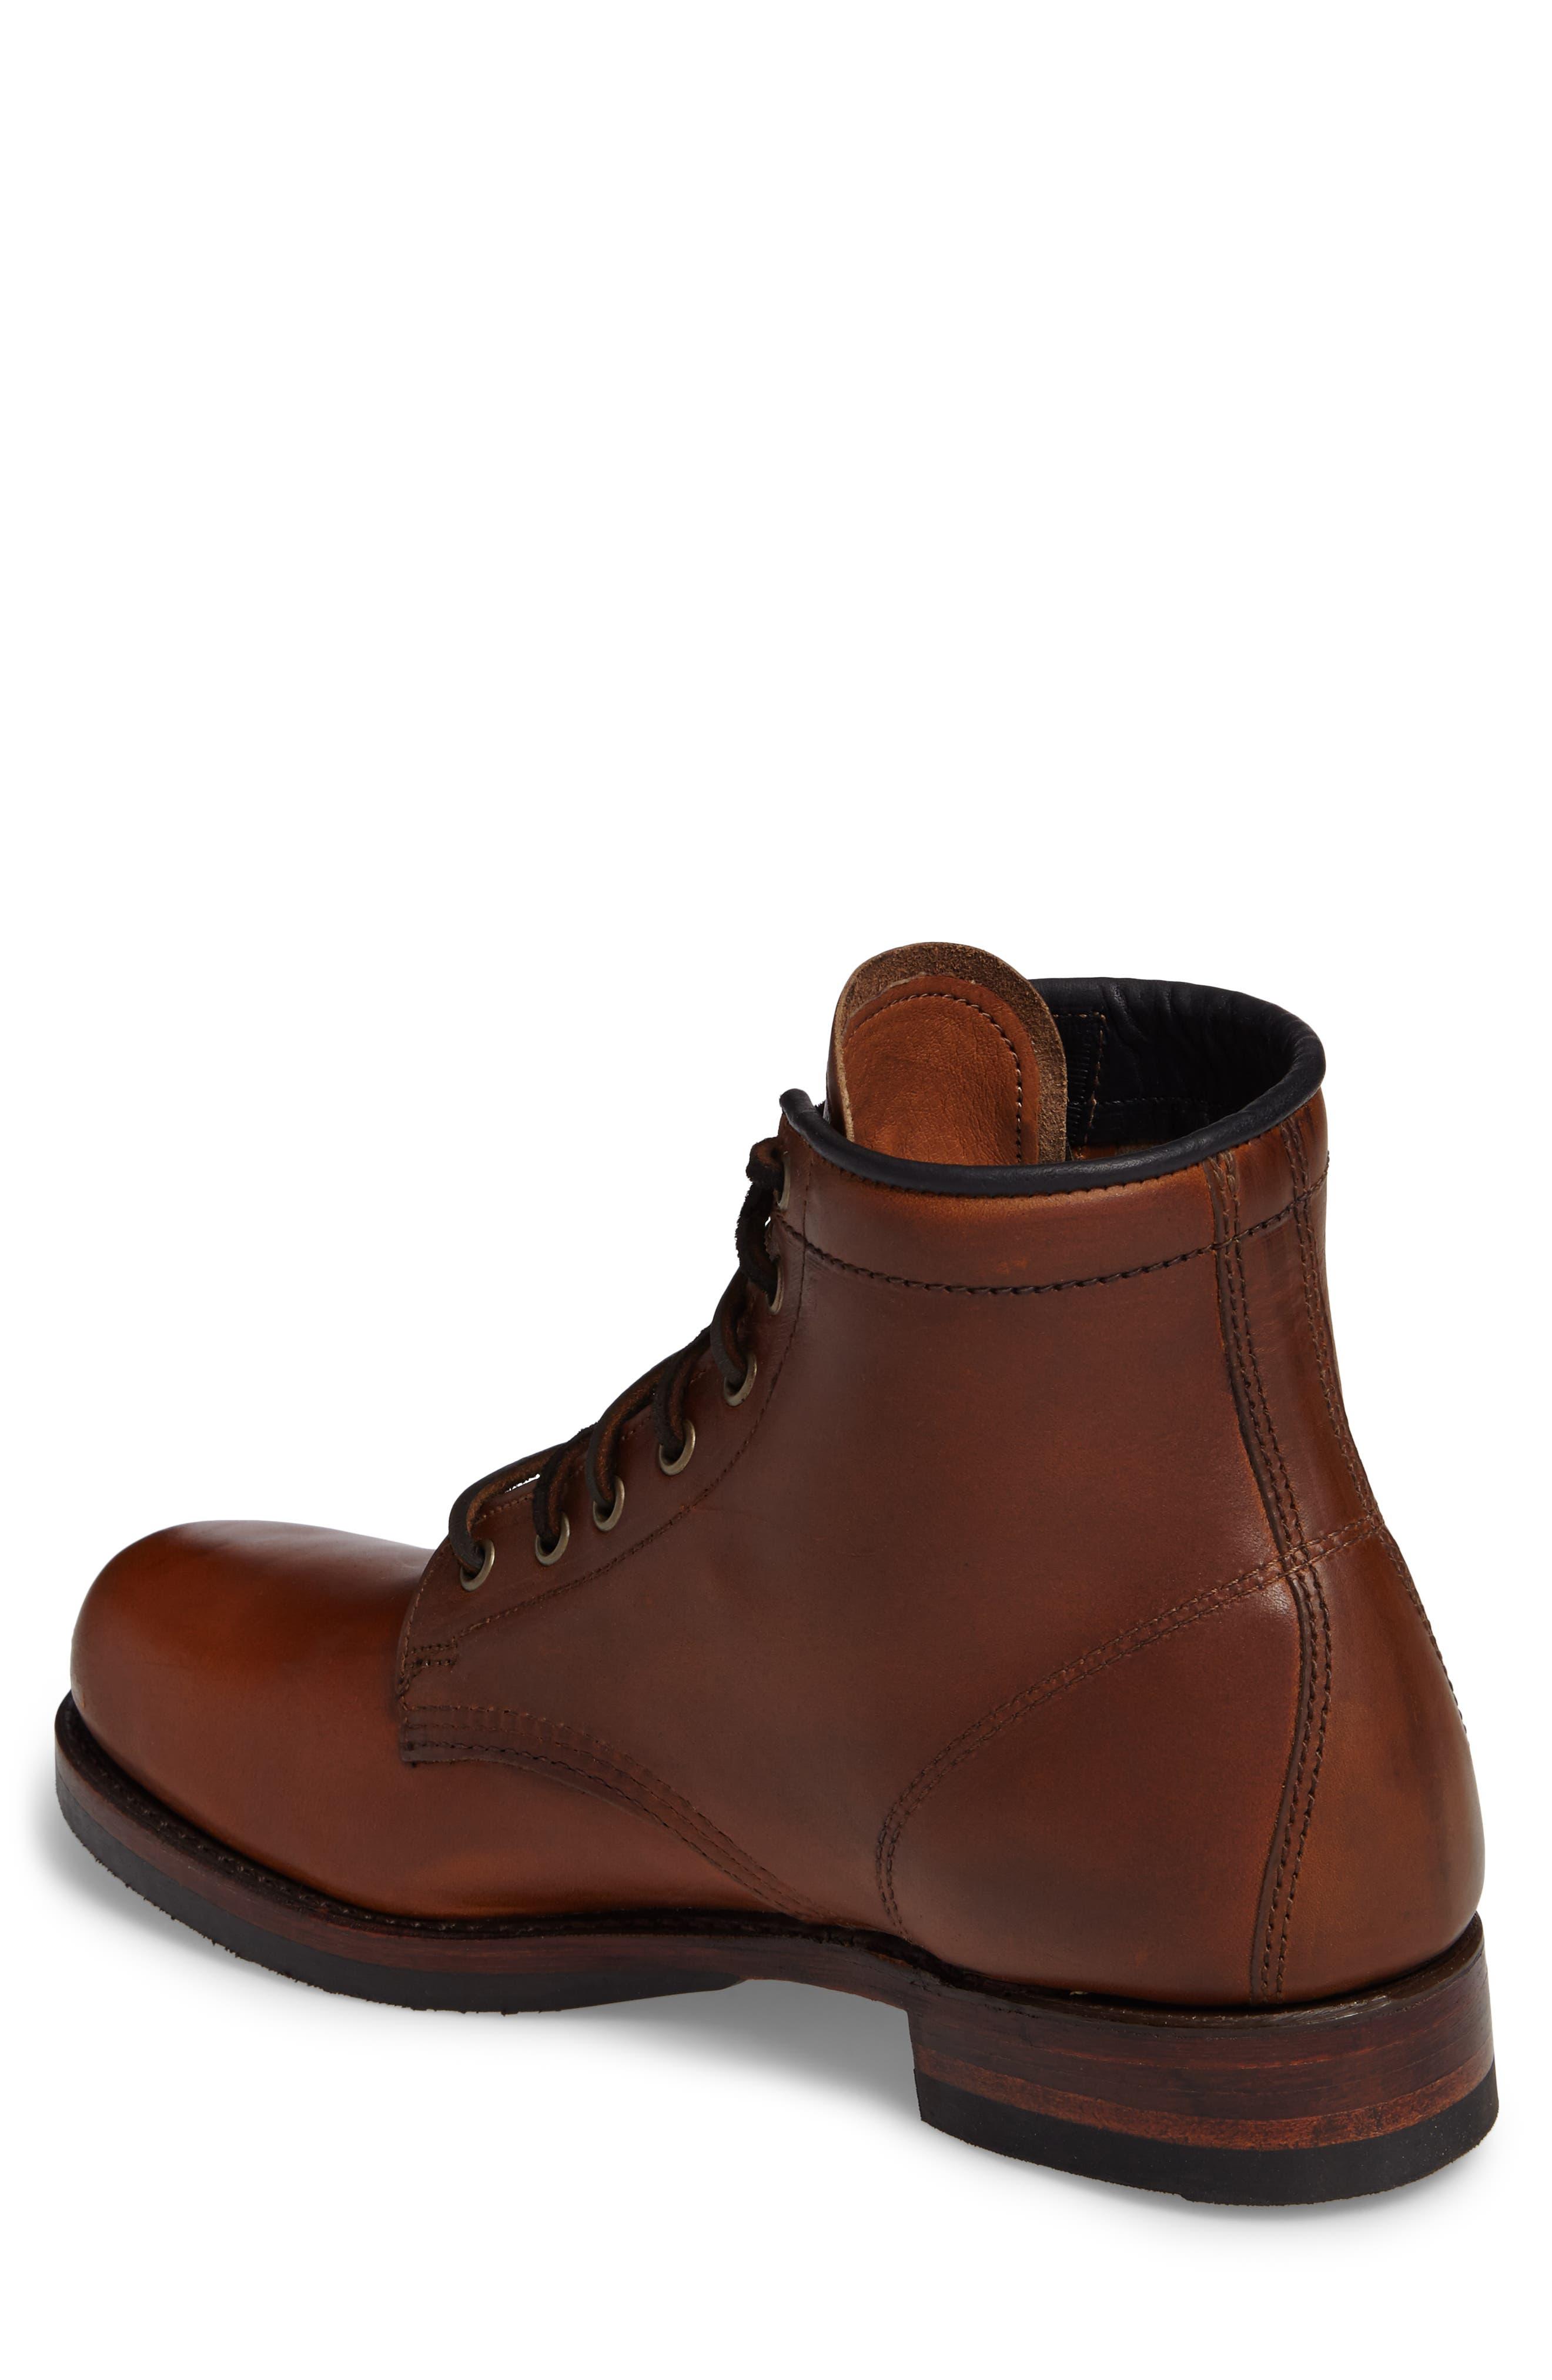 Alternate Image 2  - Frye John Addison Plain Toe Boot (Men)